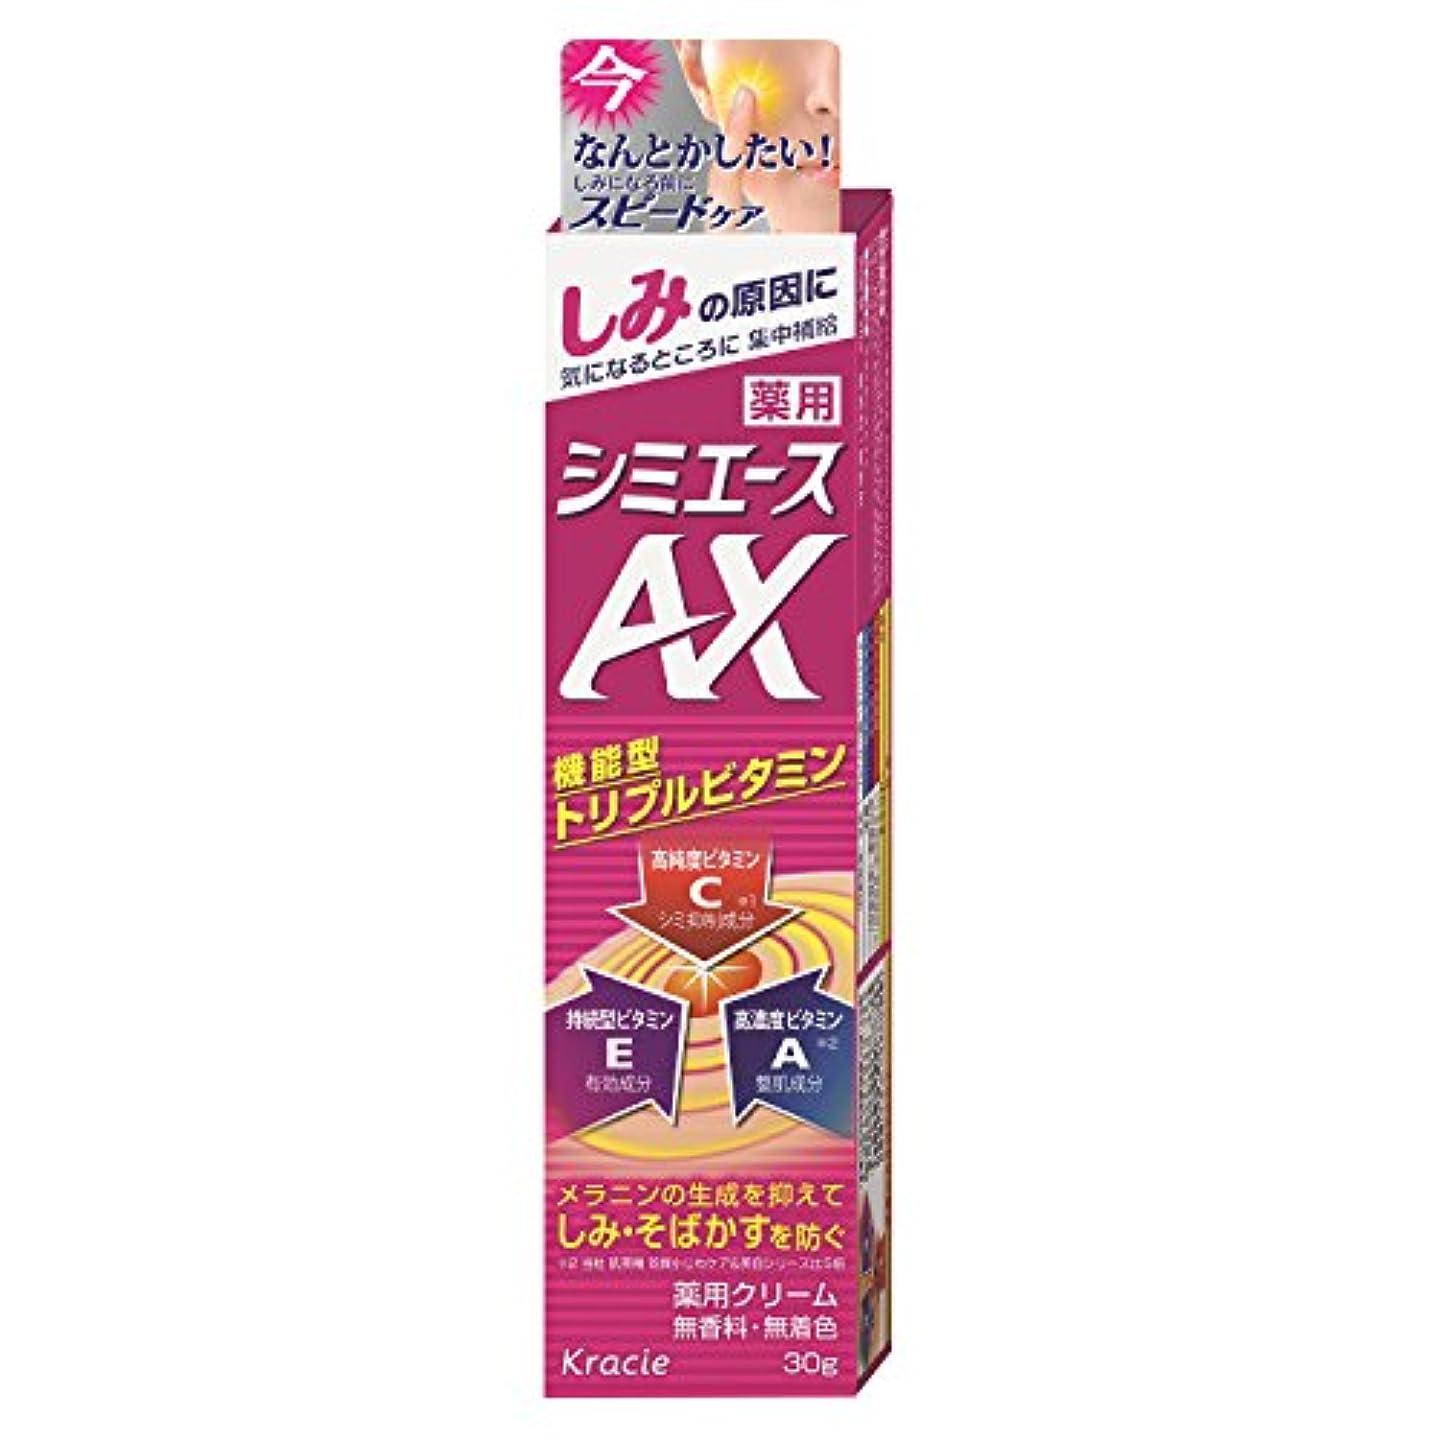 鎖クラシカルアドバイス薬用 シミエースAX 30g [医薬部外品]